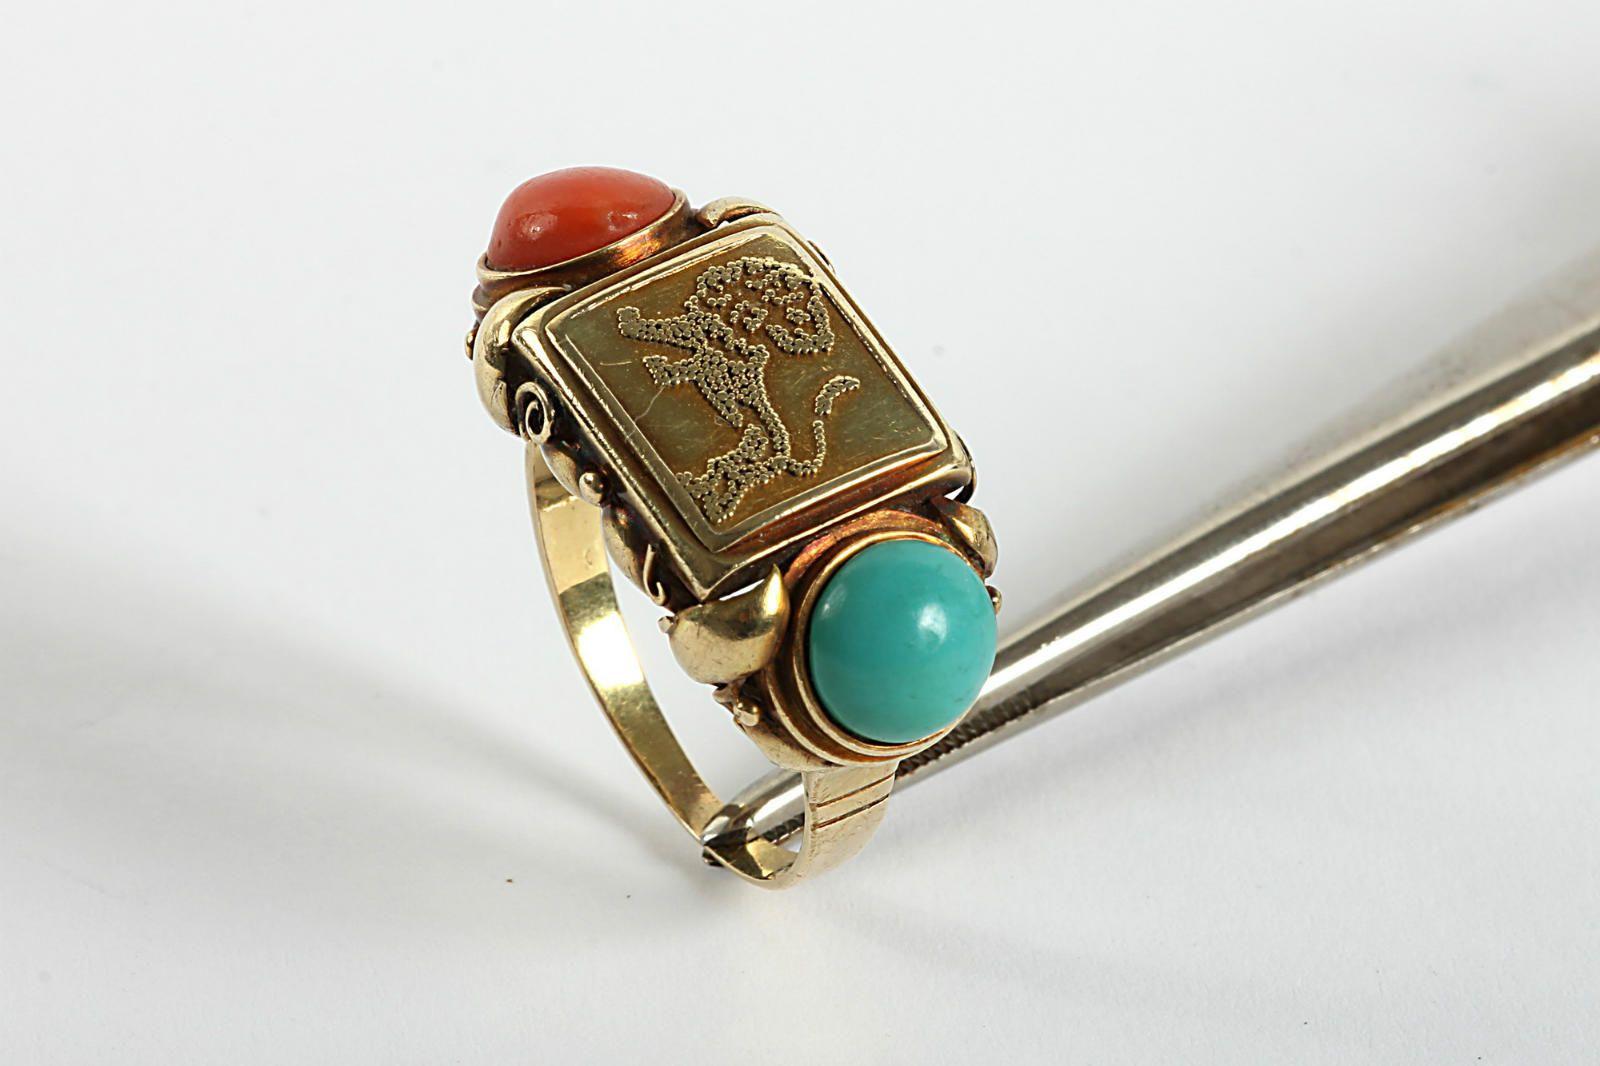 GELEGENHEIT AUS PRIVATBESITZ#393 ANTIKER RING GOLD 585 MIT TÜRKIS